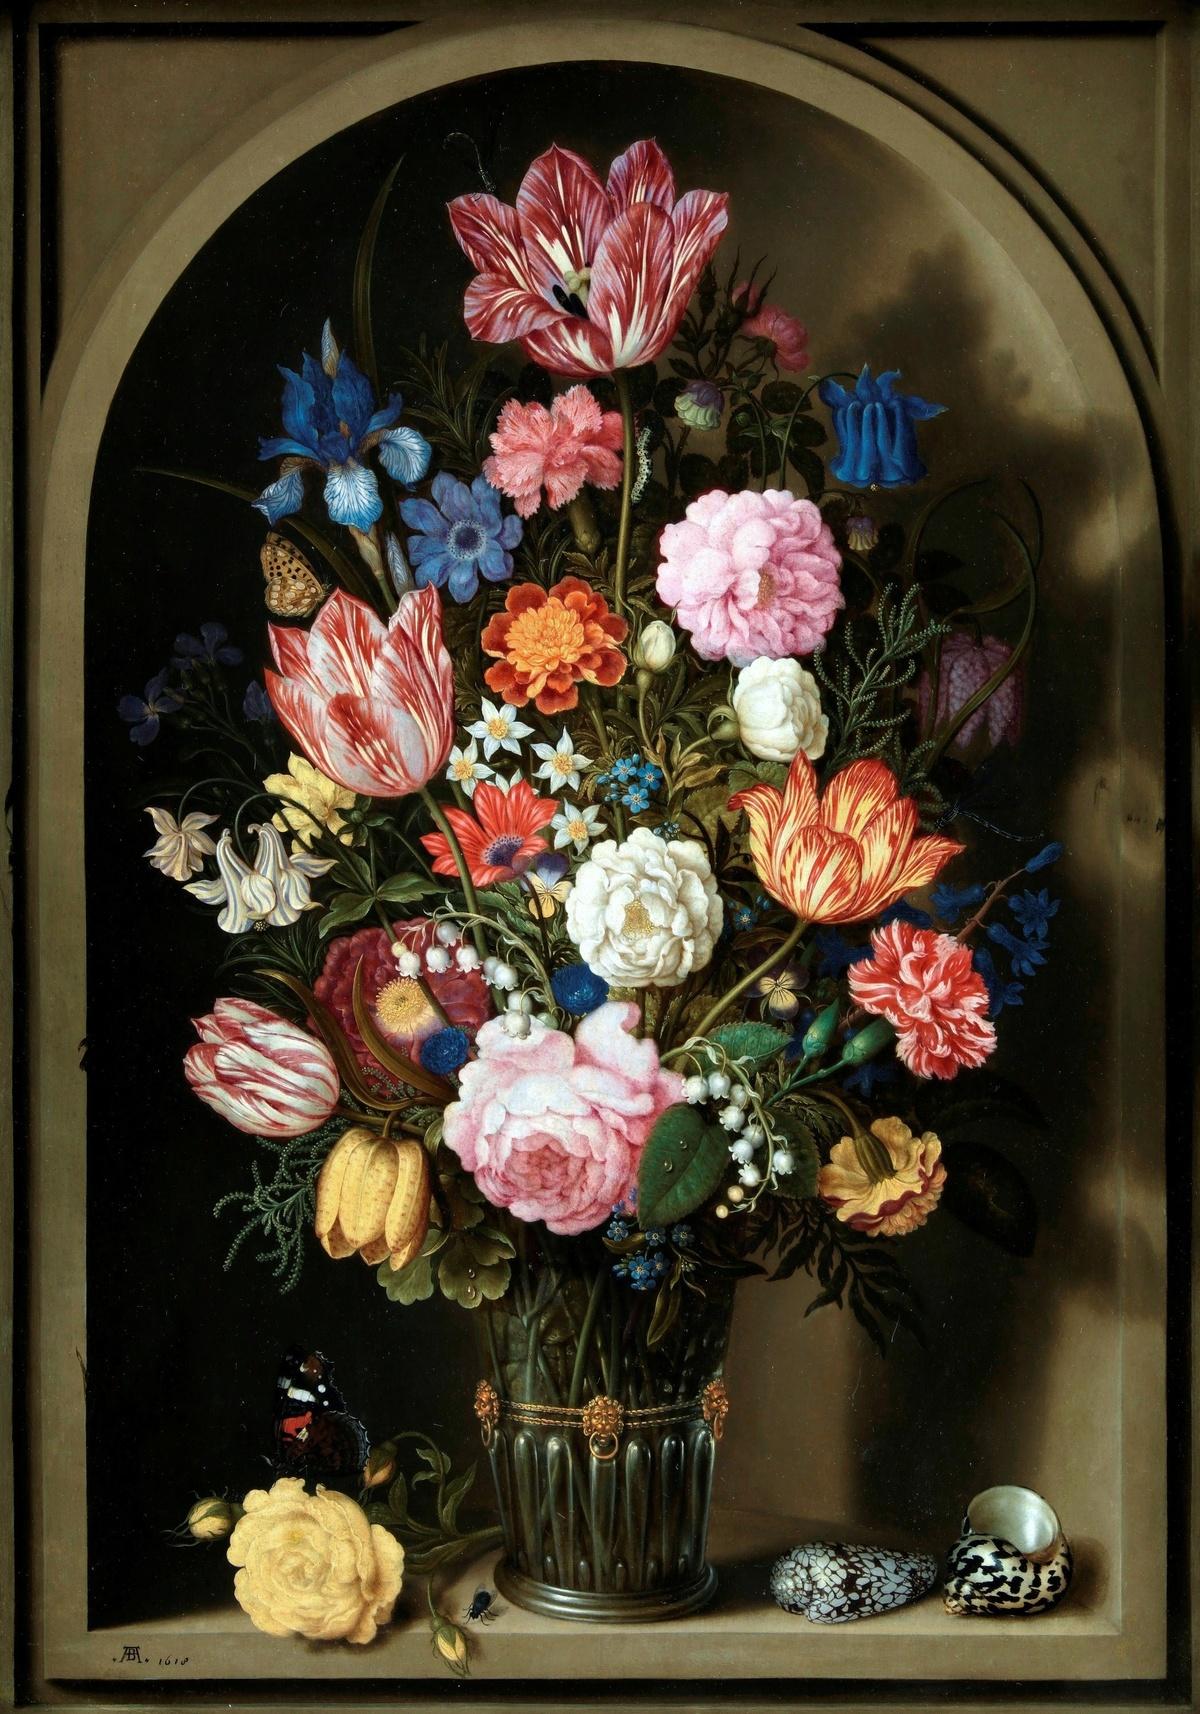 Фламандский букет это, цветов дания